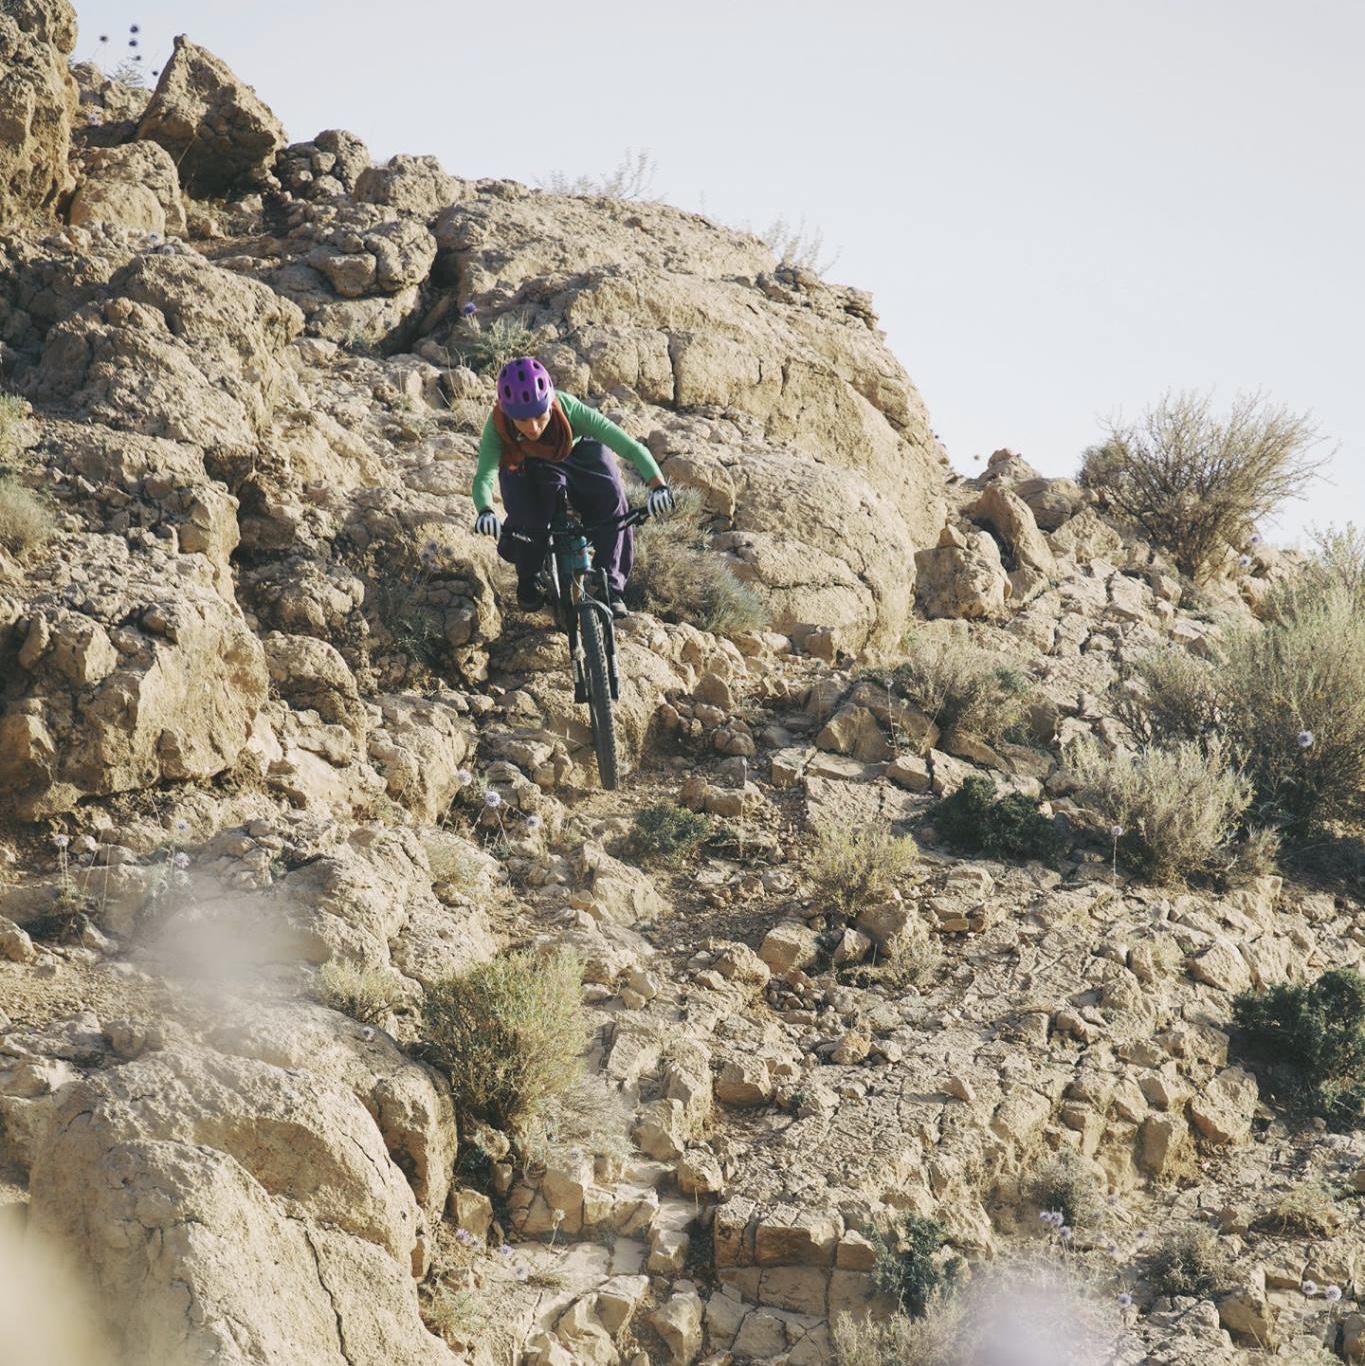 anna-weiss-Mountainbiken im Zagros Gebirge nahe Shiraz Iran_C Andrea Gaspar-Klein